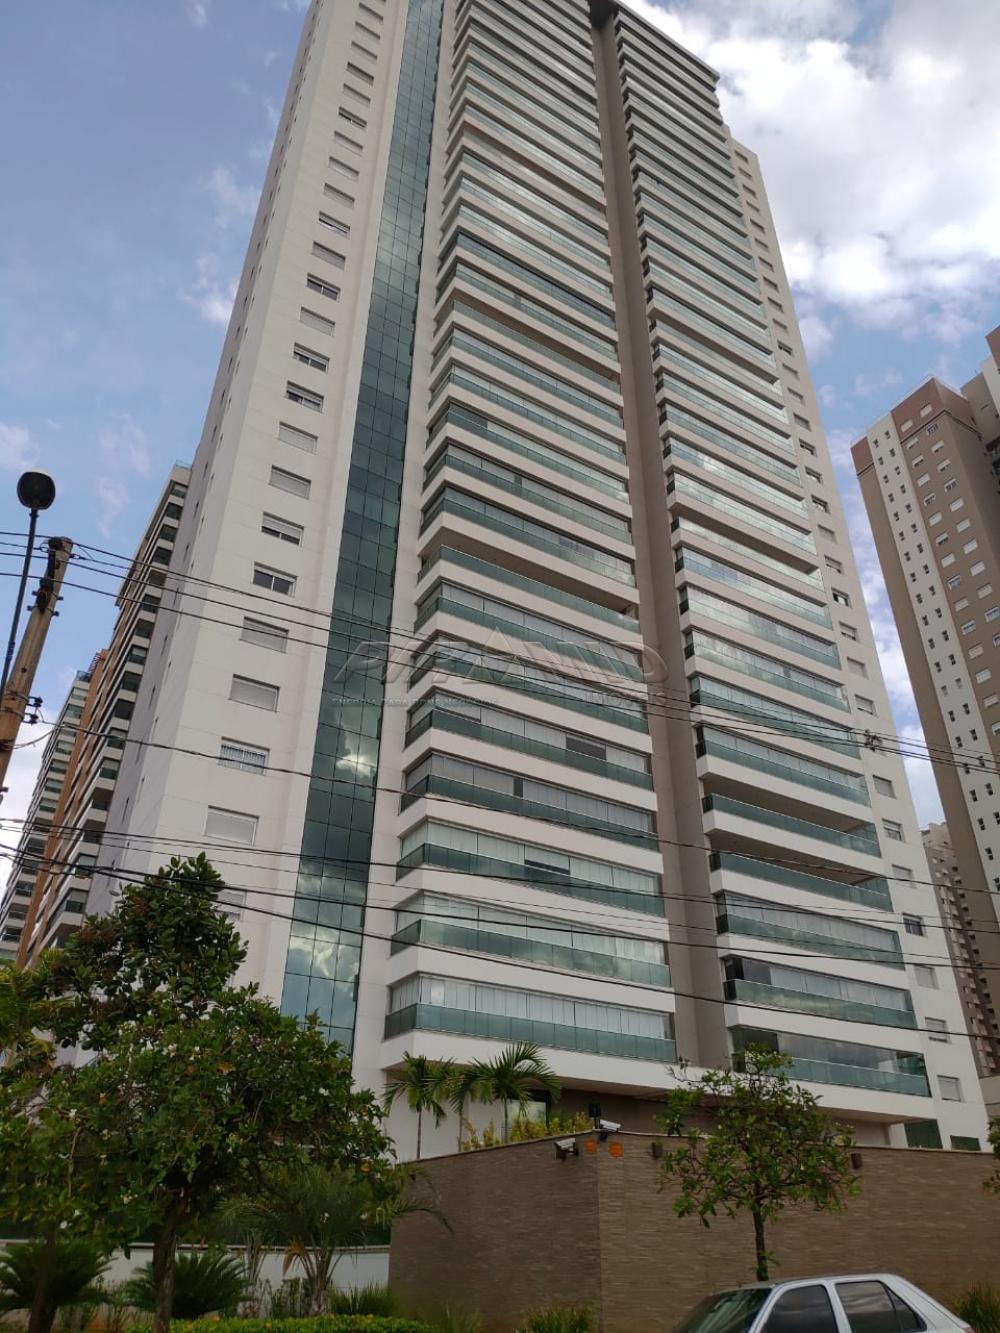 Comprar Apartamento / Padrão em Ribeirão Preto R$ 2.650.000,00 - Foto 2